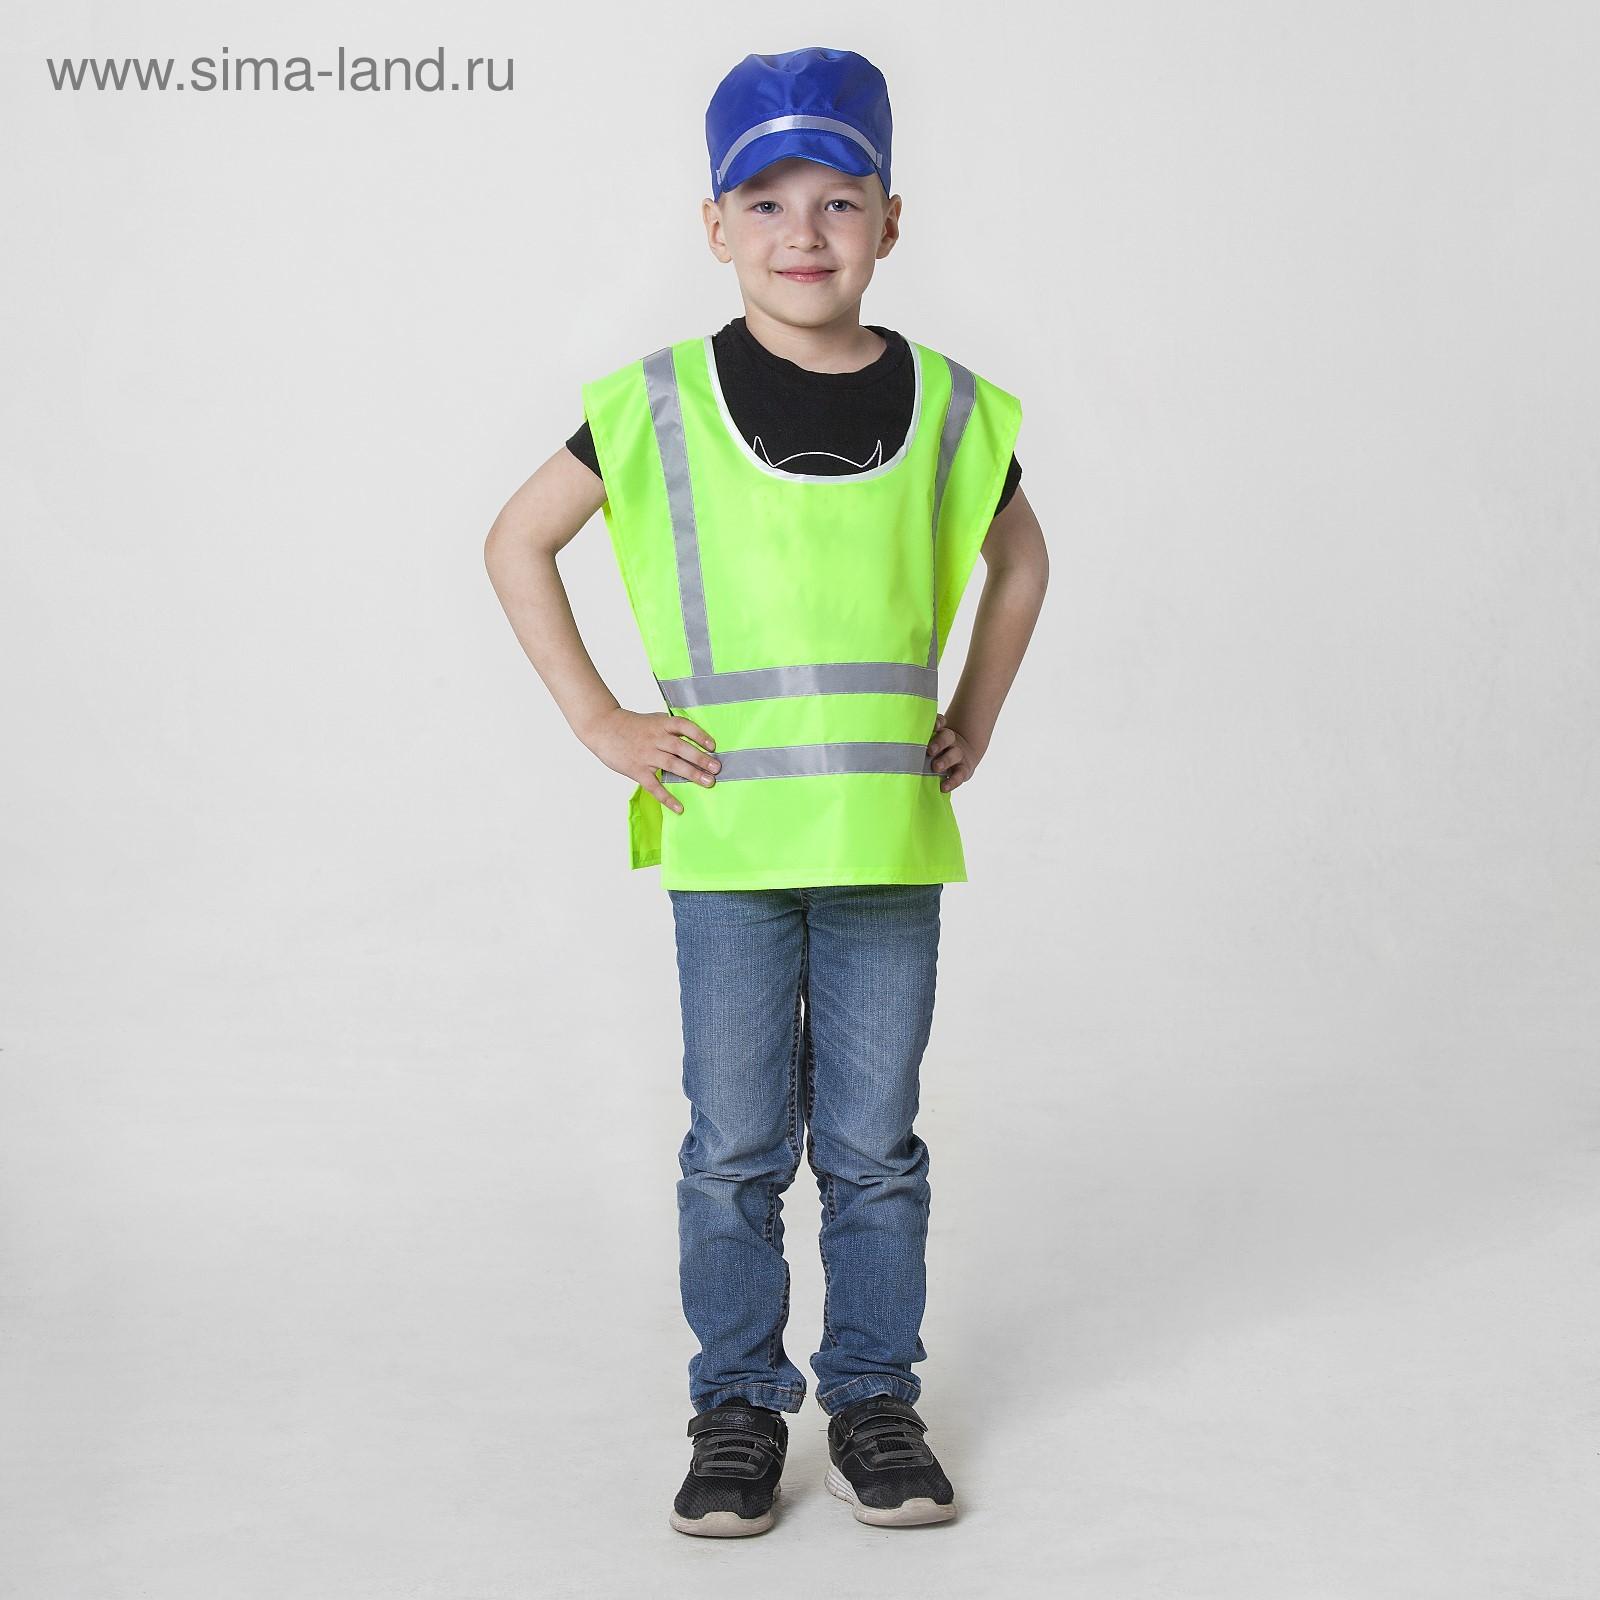 Костюм Инспектор ДПС размер 32-34, 5-10 лет